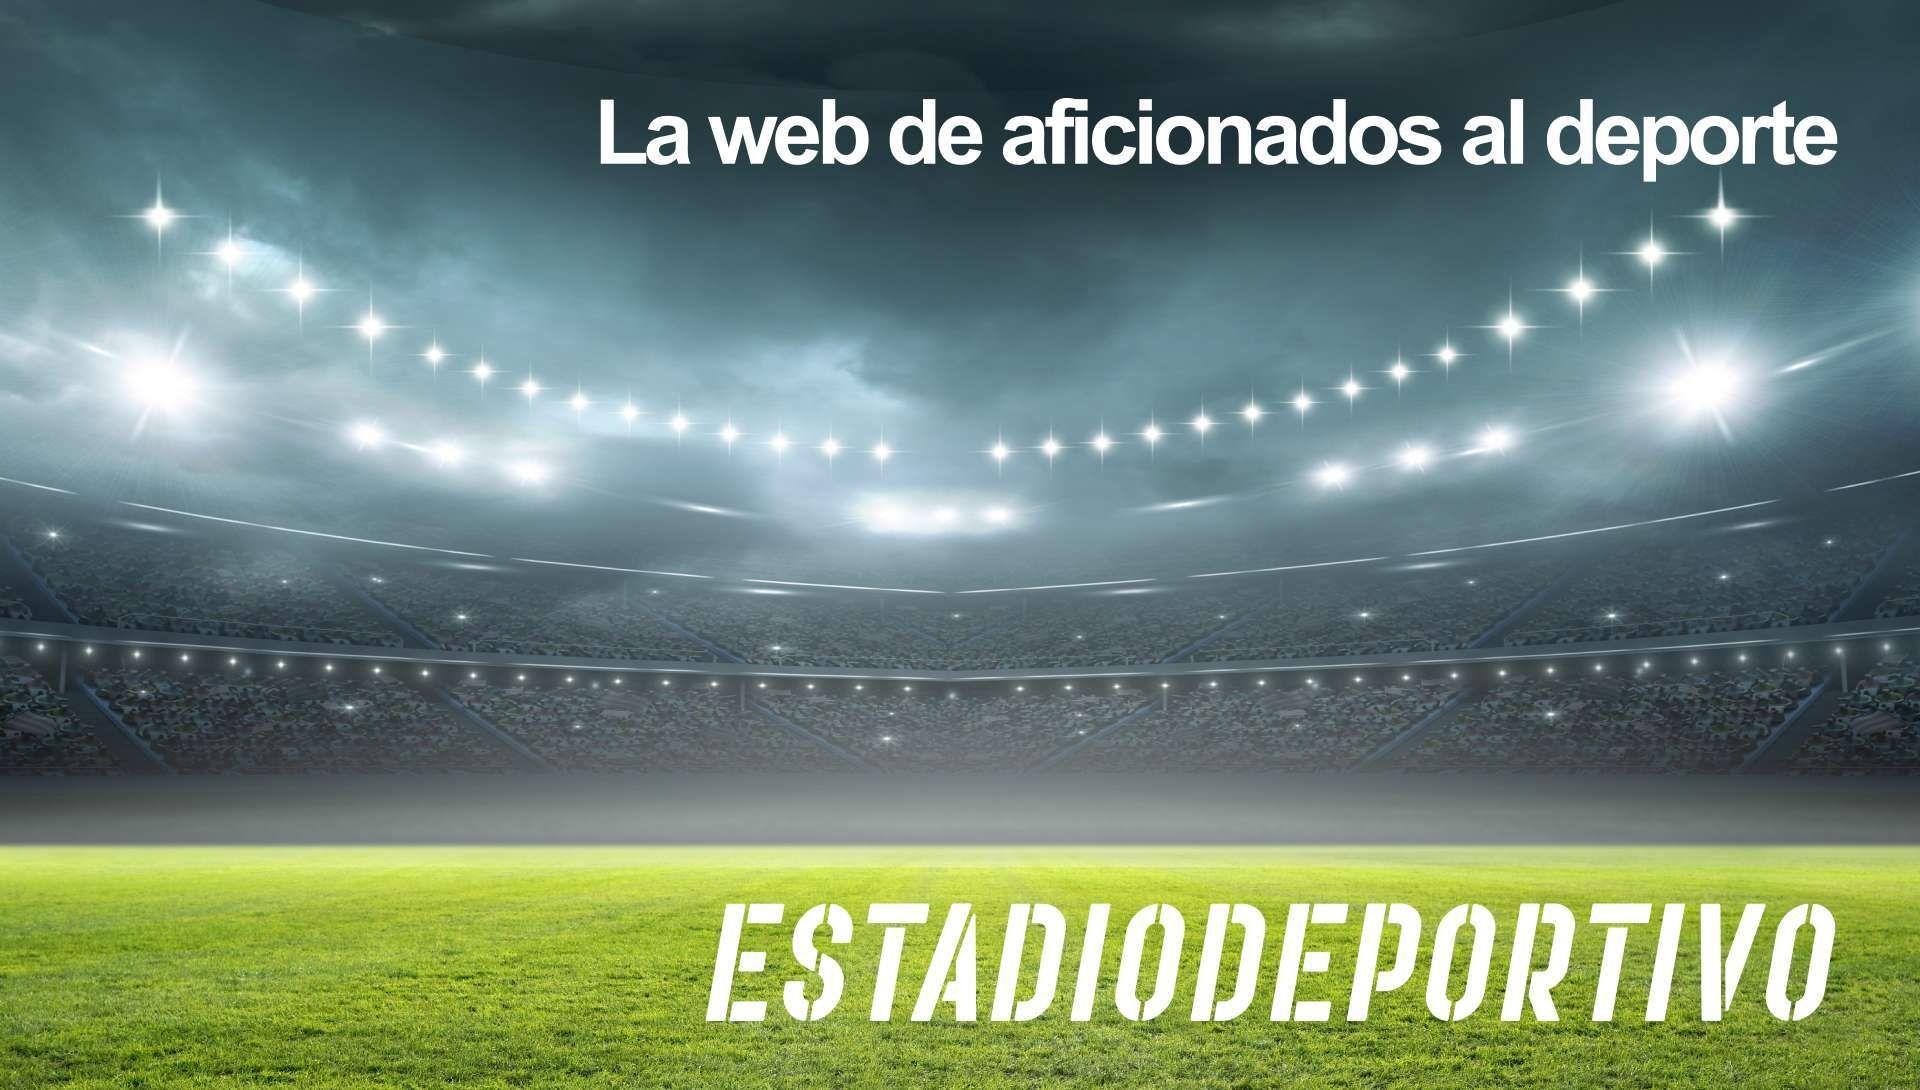 Las portadas de los diarios deportivos para el viernes 7 de octubre